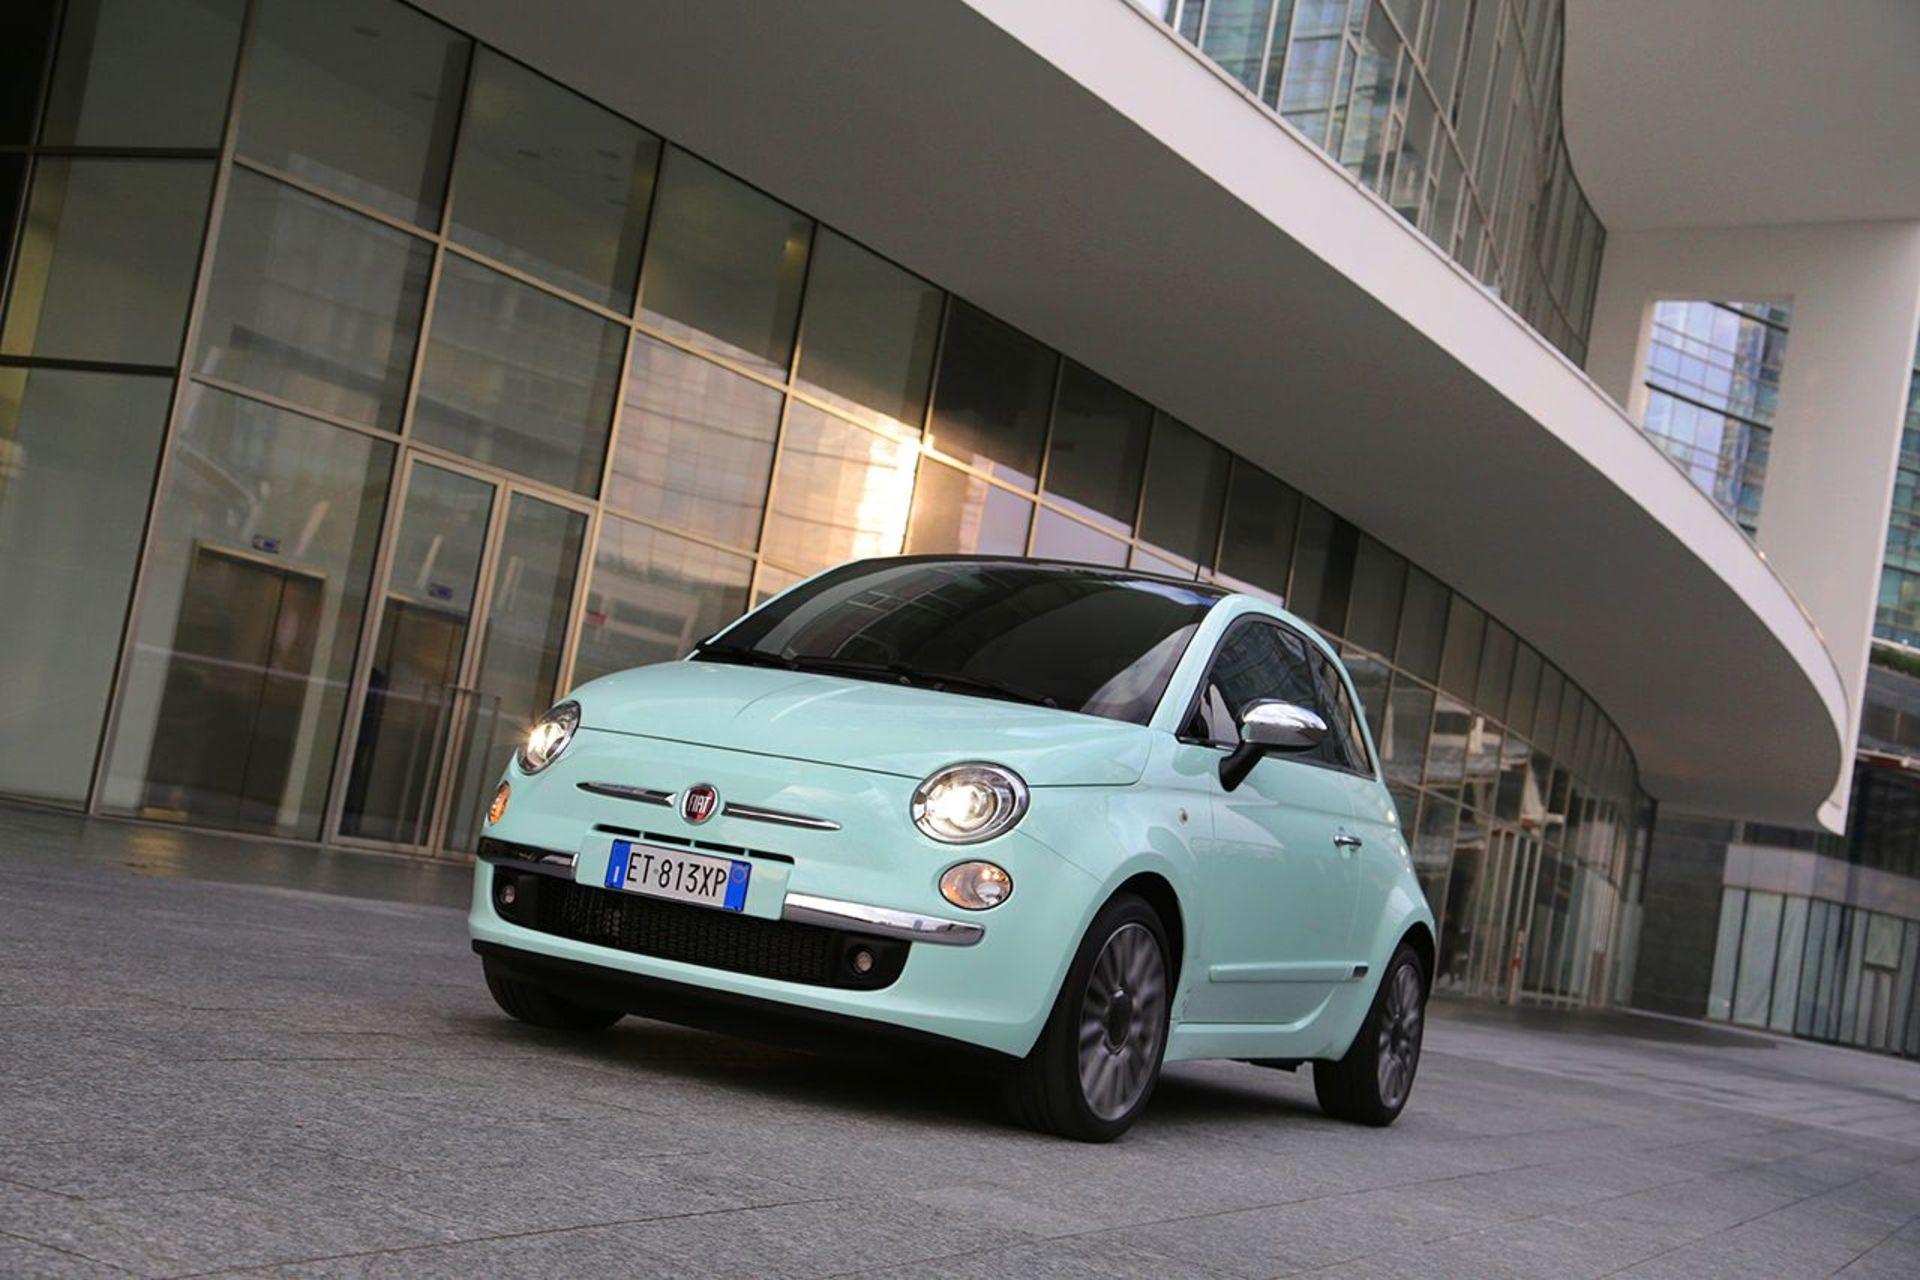 FIAT 500 1, 0 70hv Hybrid MT Lounge - ,  Korko 0, 9%,  rahoitus jopa ilman käsirahaa! Uusi auto nopeaan toimitukseen!